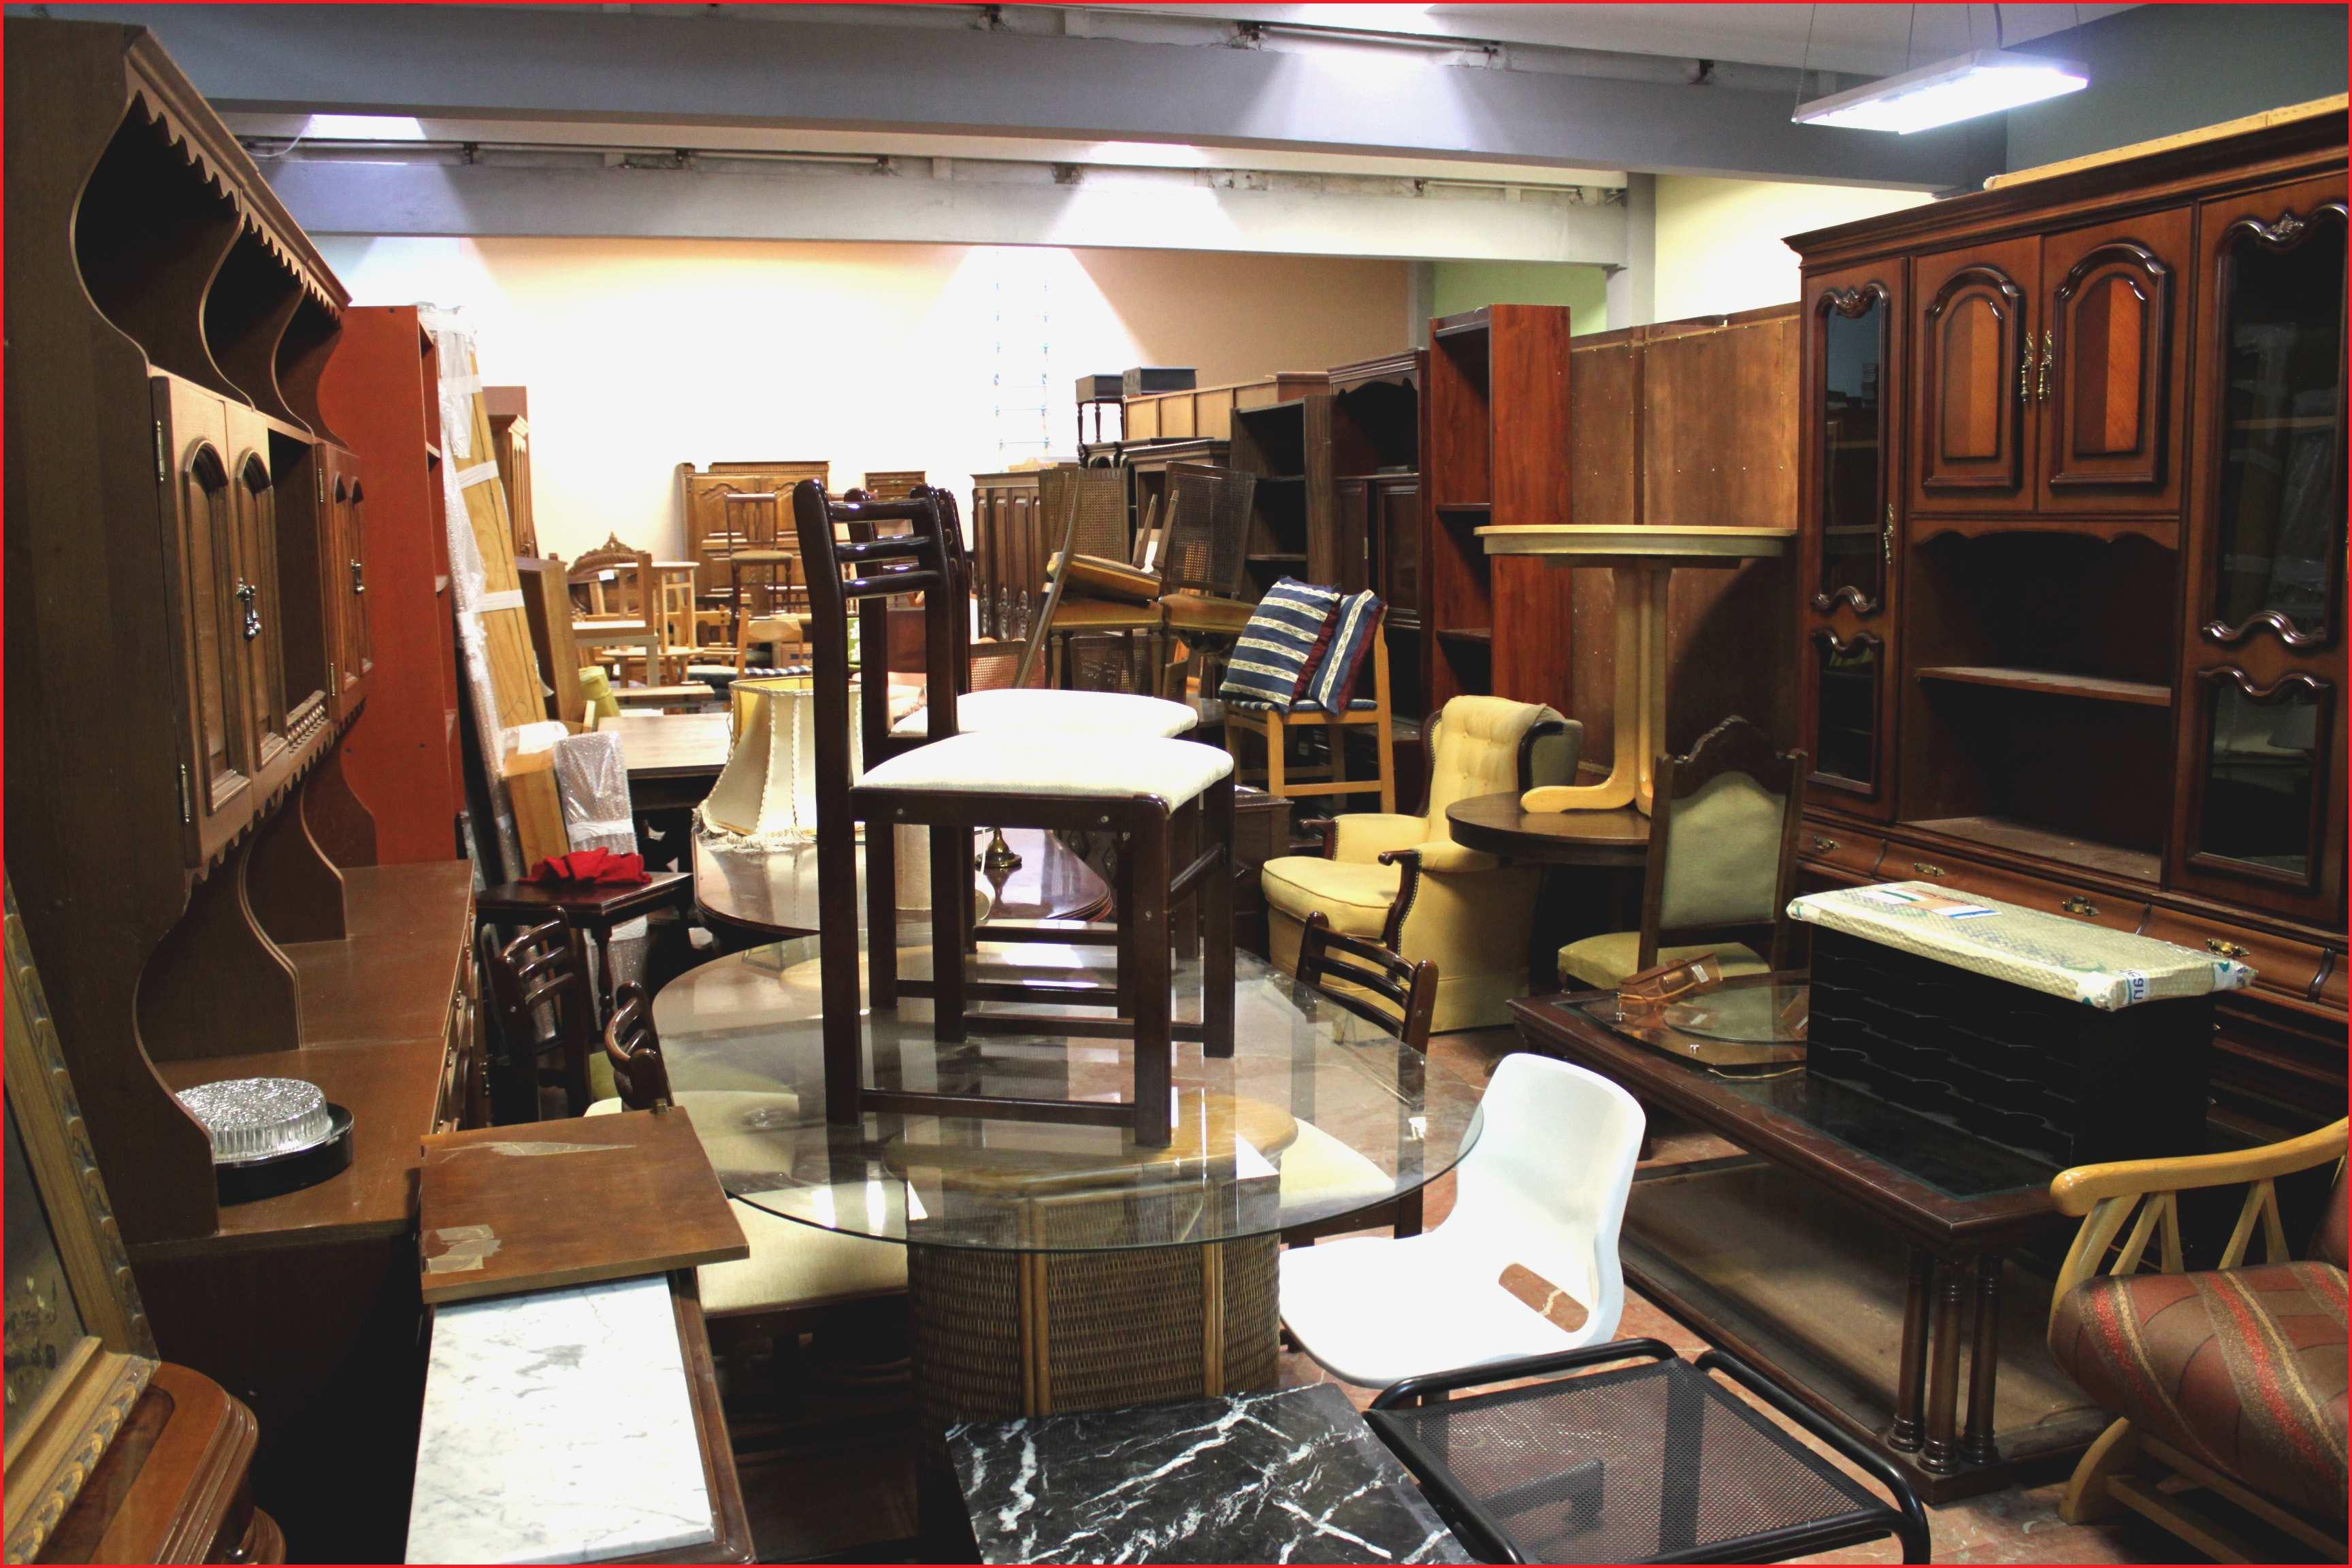 Vender Muebles Usados Barcelona 9ddf Pro Muebles Usados Barcelona Fresh Coches Manuales Pra